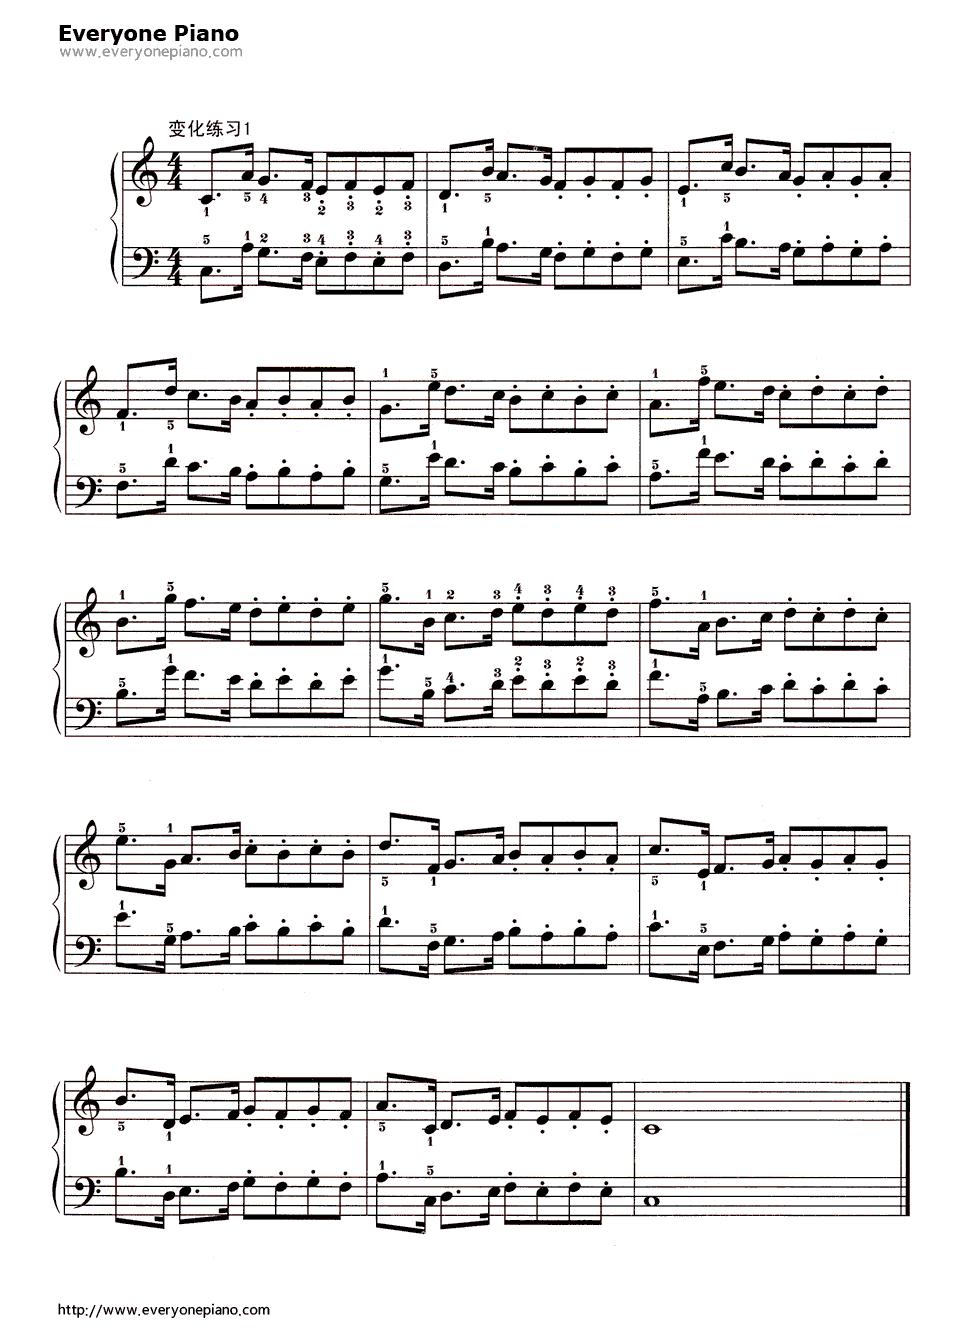 哈农基本练习10五线谱预览2-钢琴谱档(五线谱,双手,数